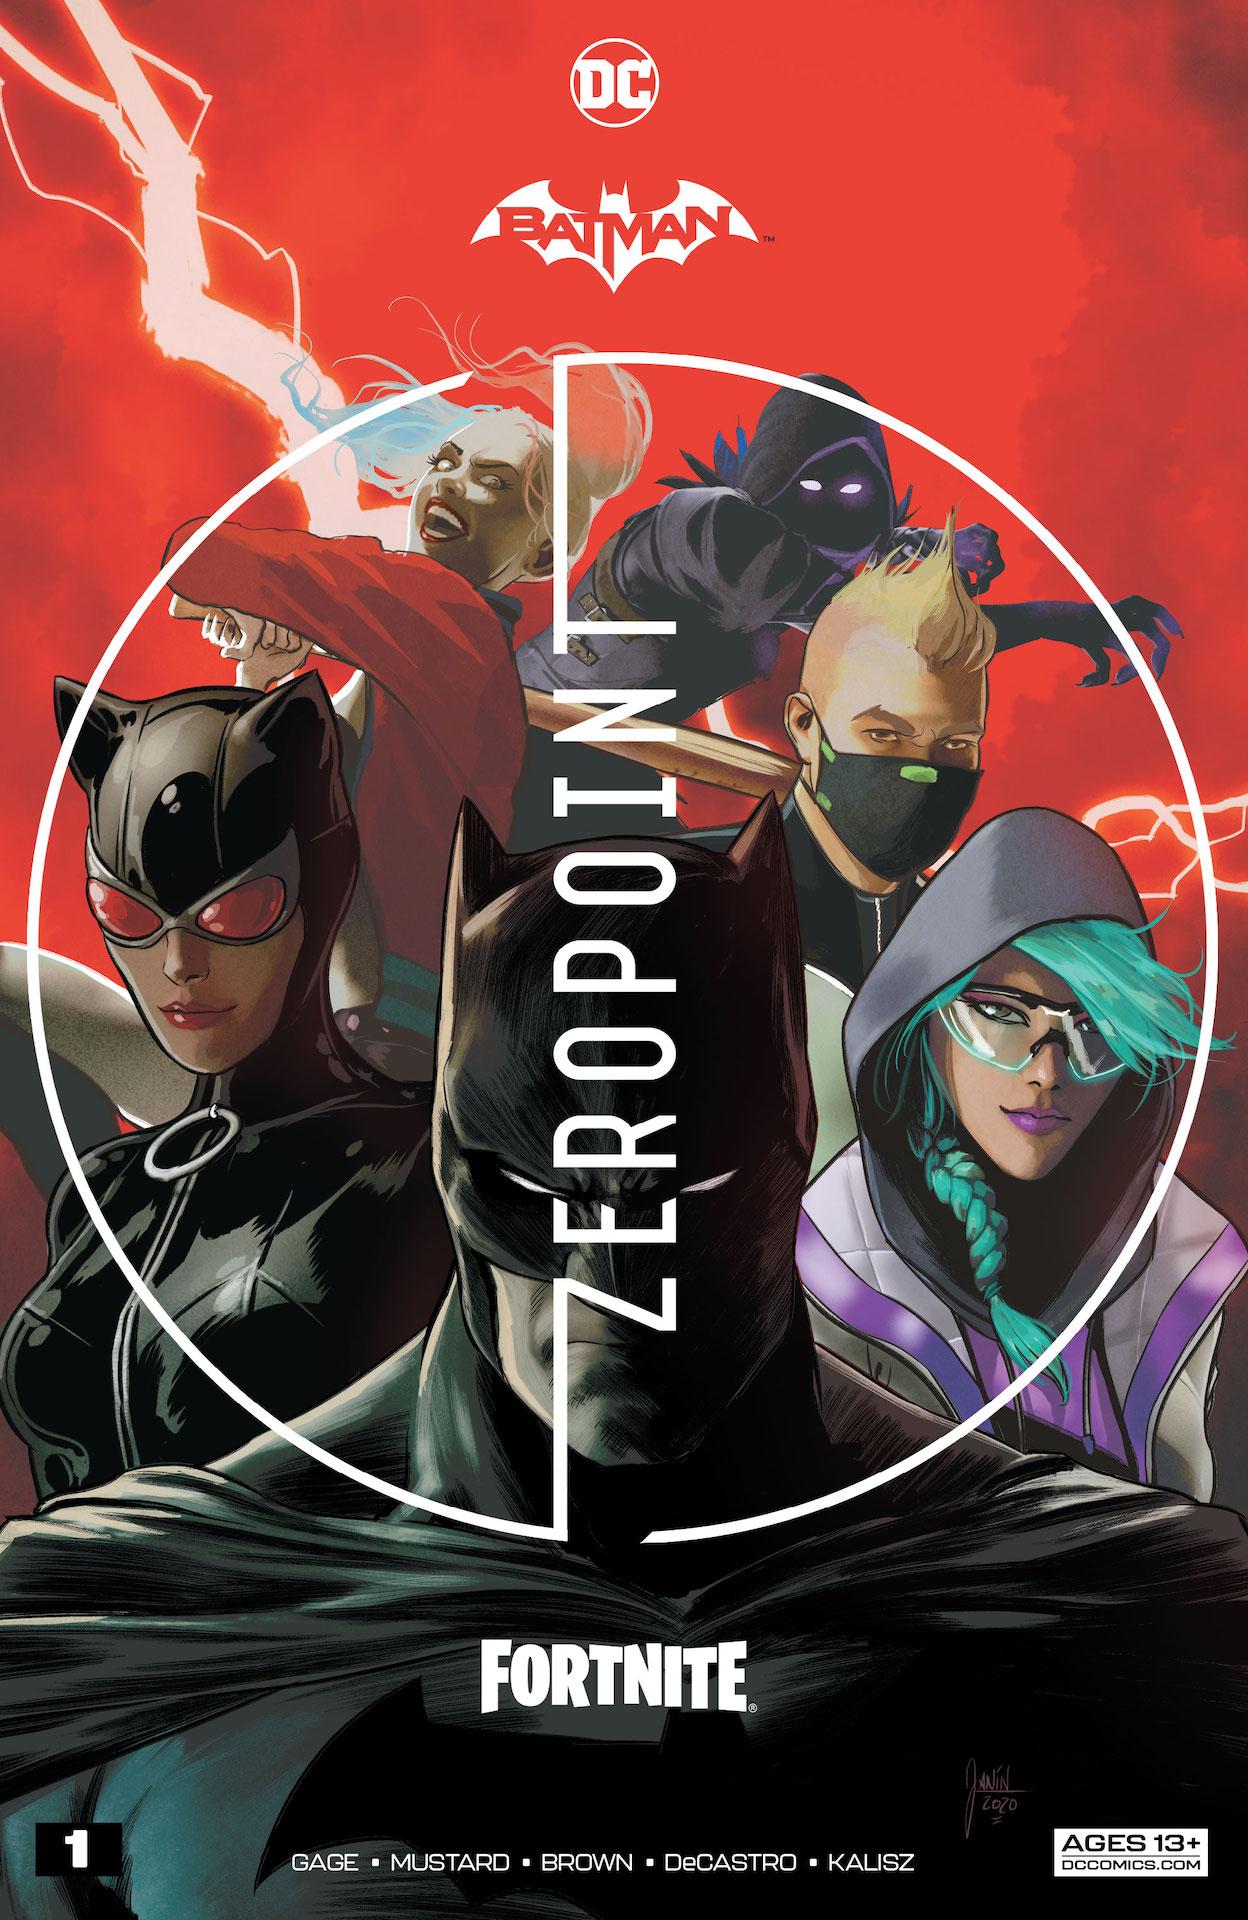 Batman-Fortnite-Zero-Point-1-1